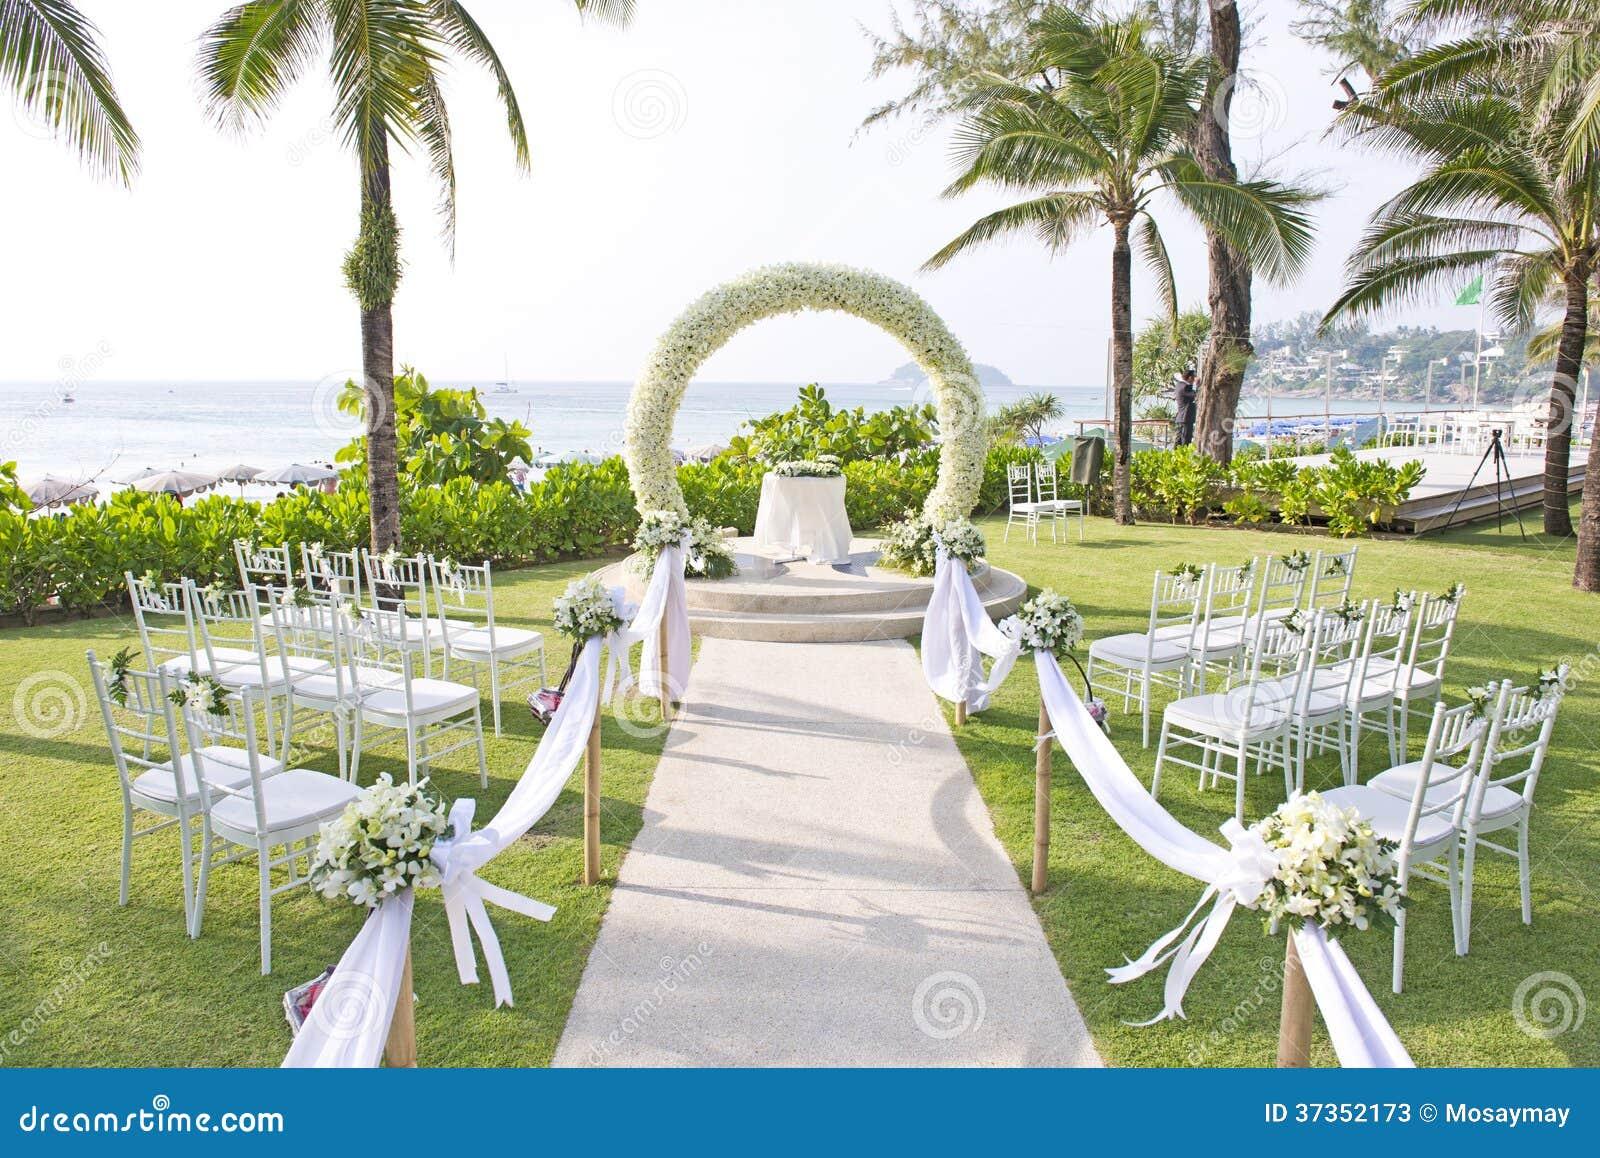 Boda puesta en jard n dentro de la playa imagen de archivo for Au jardin wedding